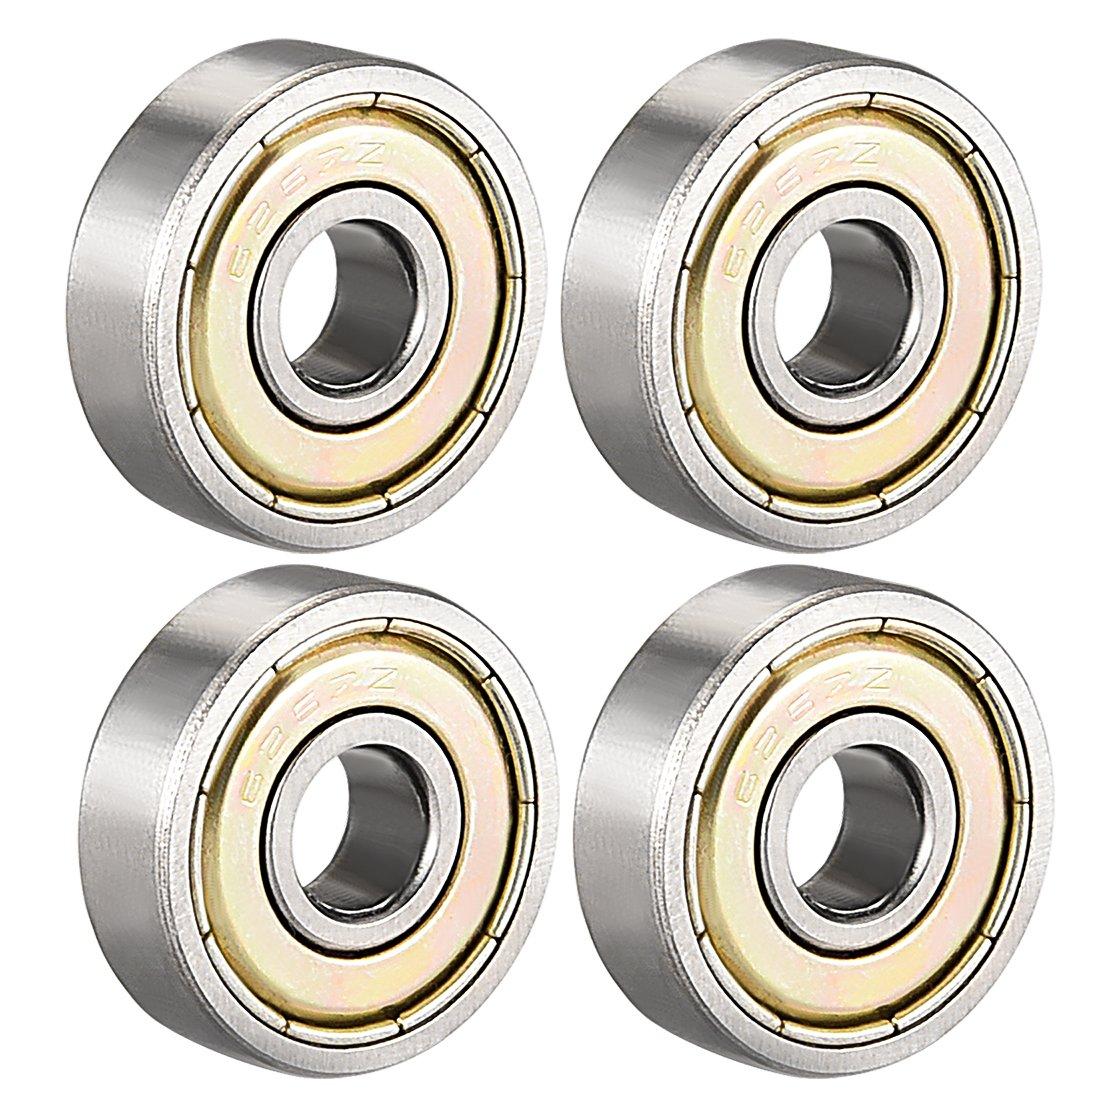 Rodamientos de bolas de ranura profunda uxcell 623-629ZZ//RS doble escudo//sellado, acero al carbono